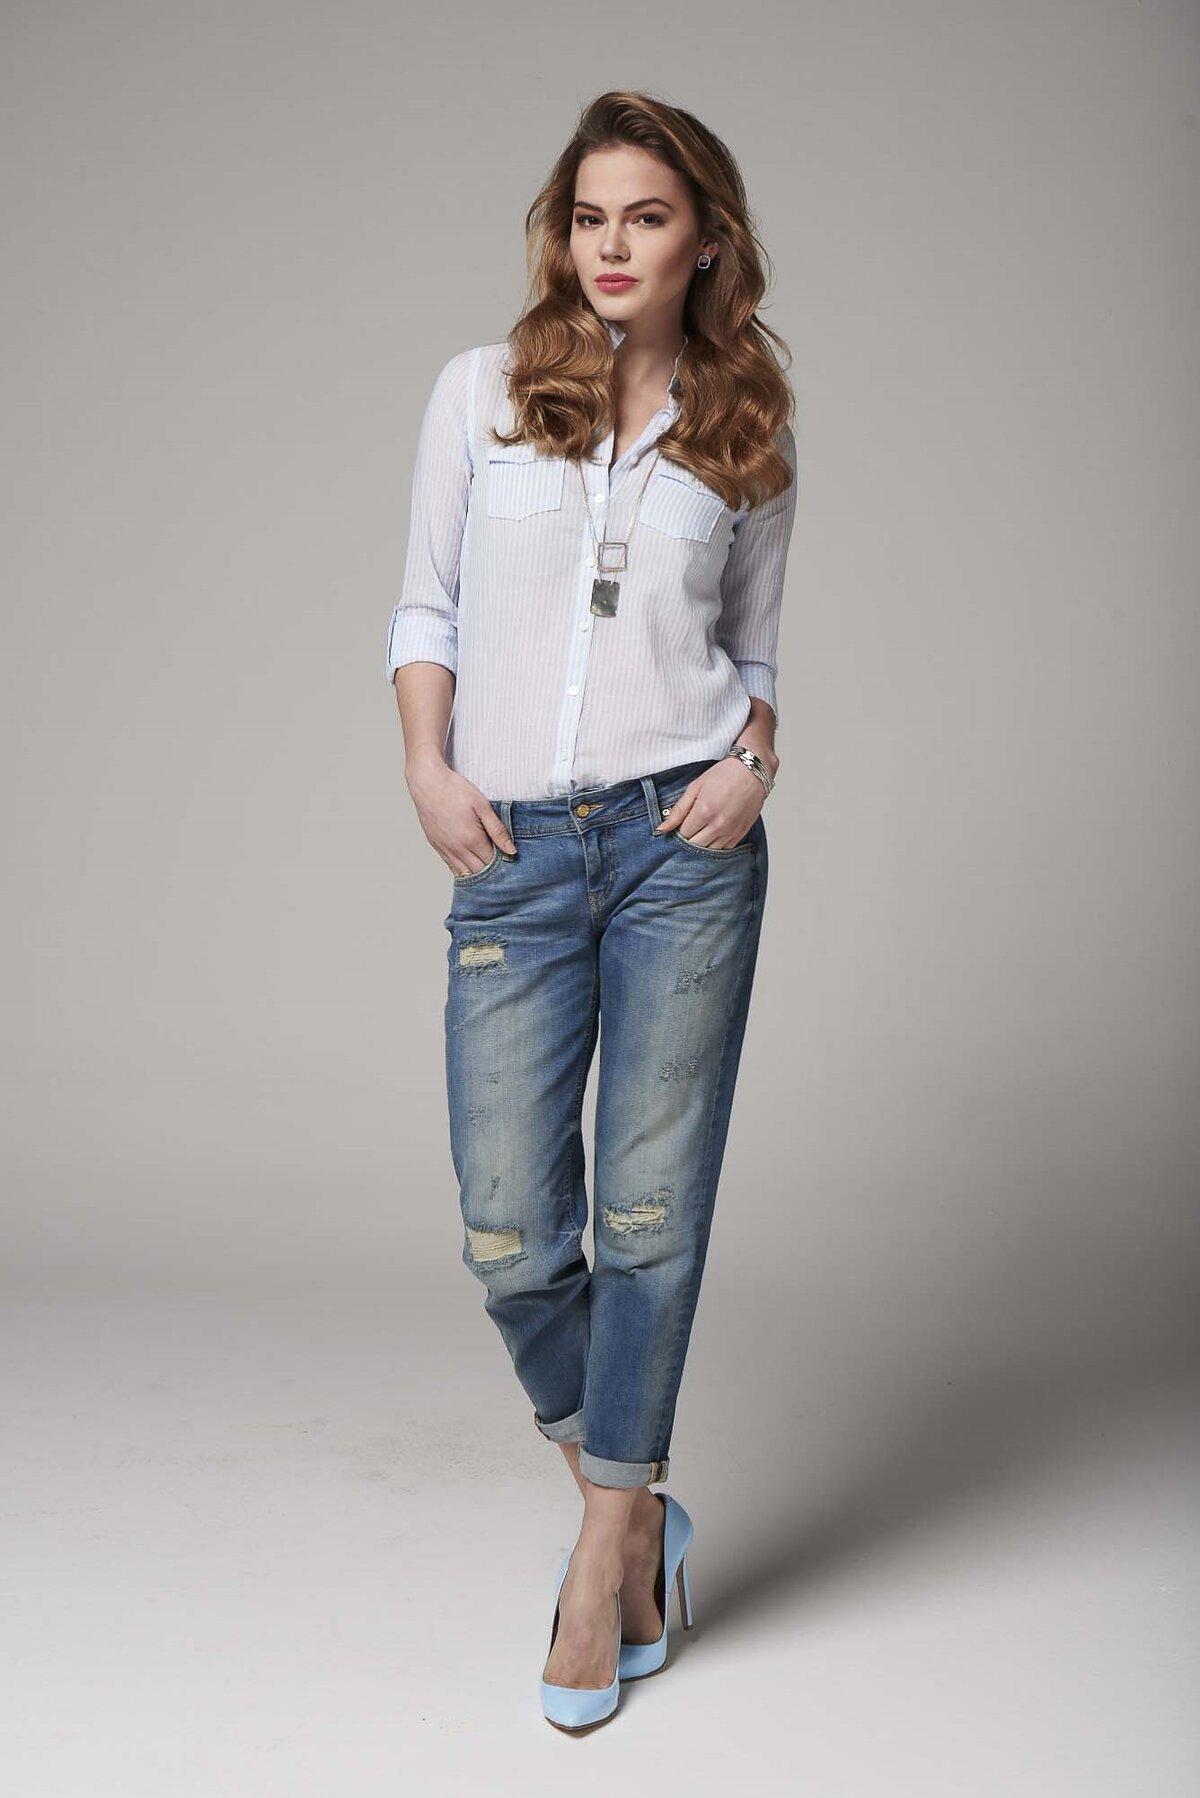 Турецкие джинсы, особенности моделей и их основные характери